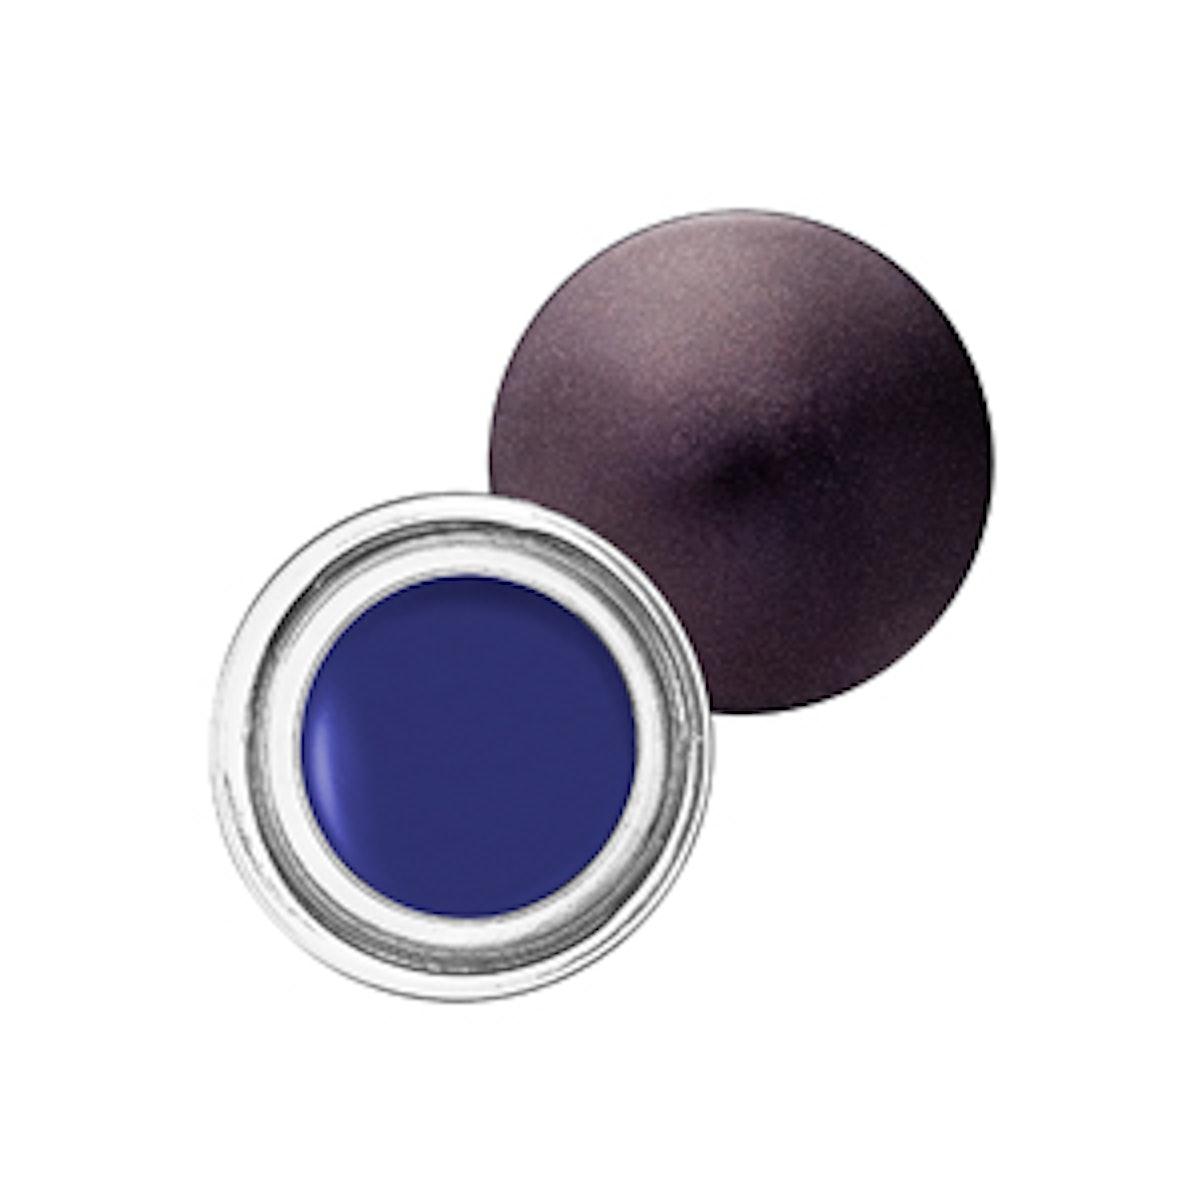 Creme Eye Liner in Cobalt